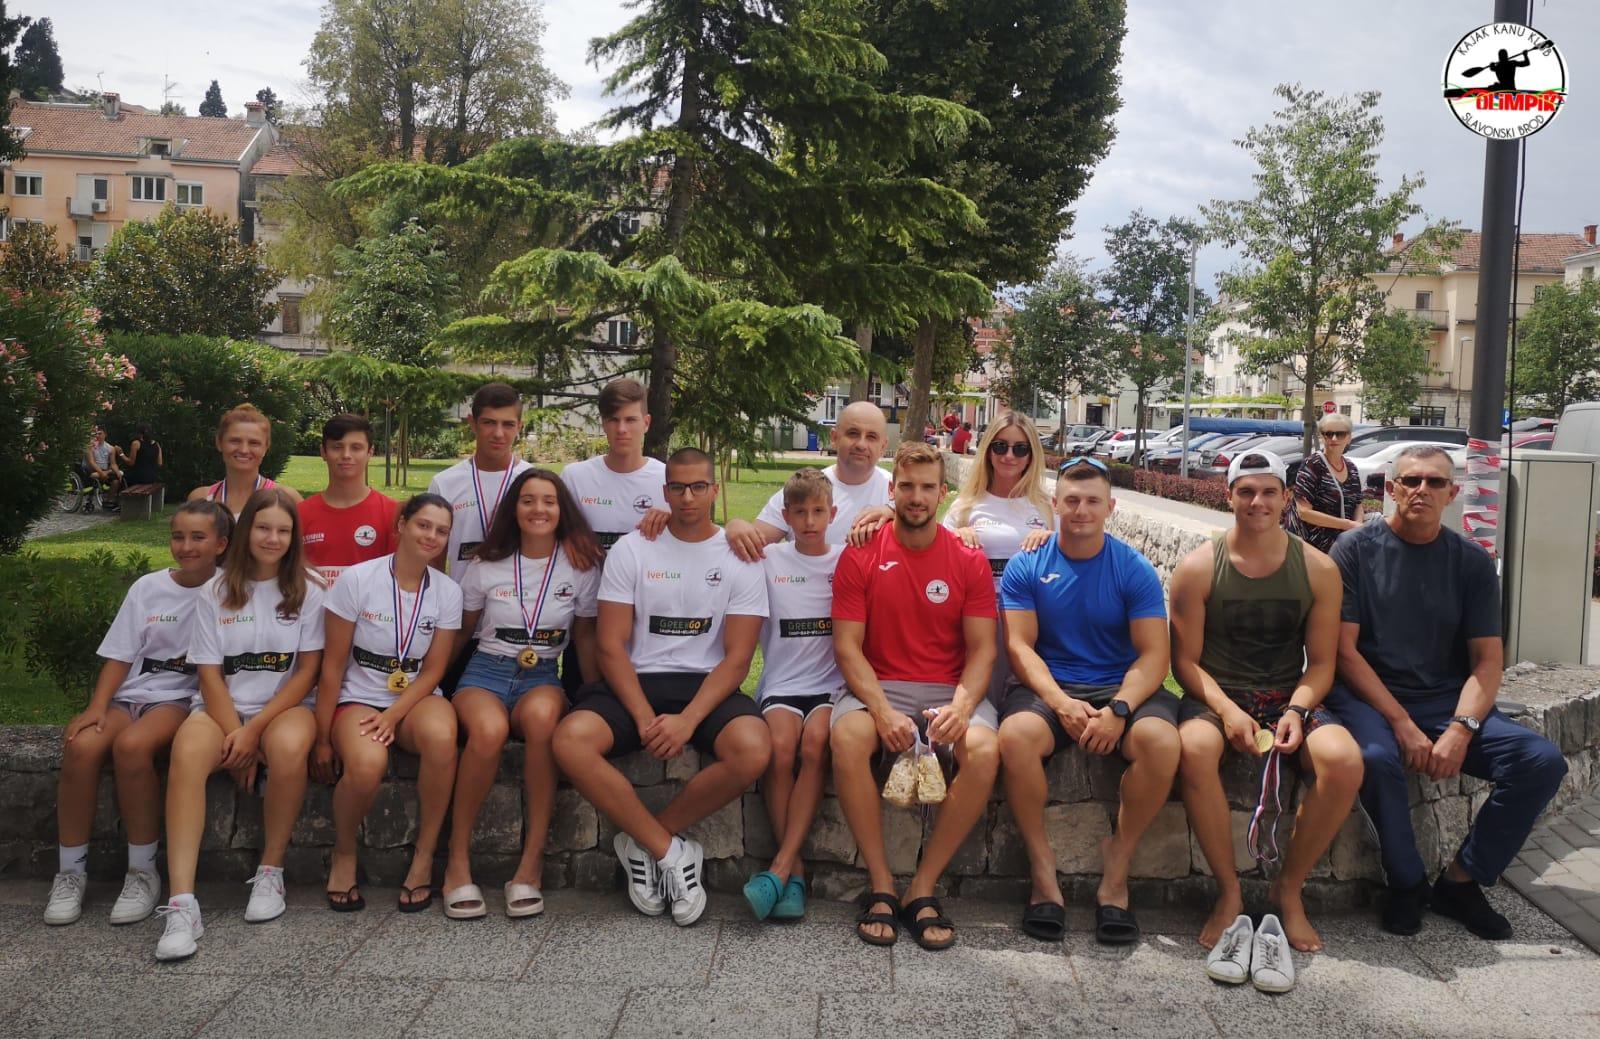 Olimpik obranio naslov seniorskog prvaka treću godinu zaredom, juniorima drugo mjesto ekipno